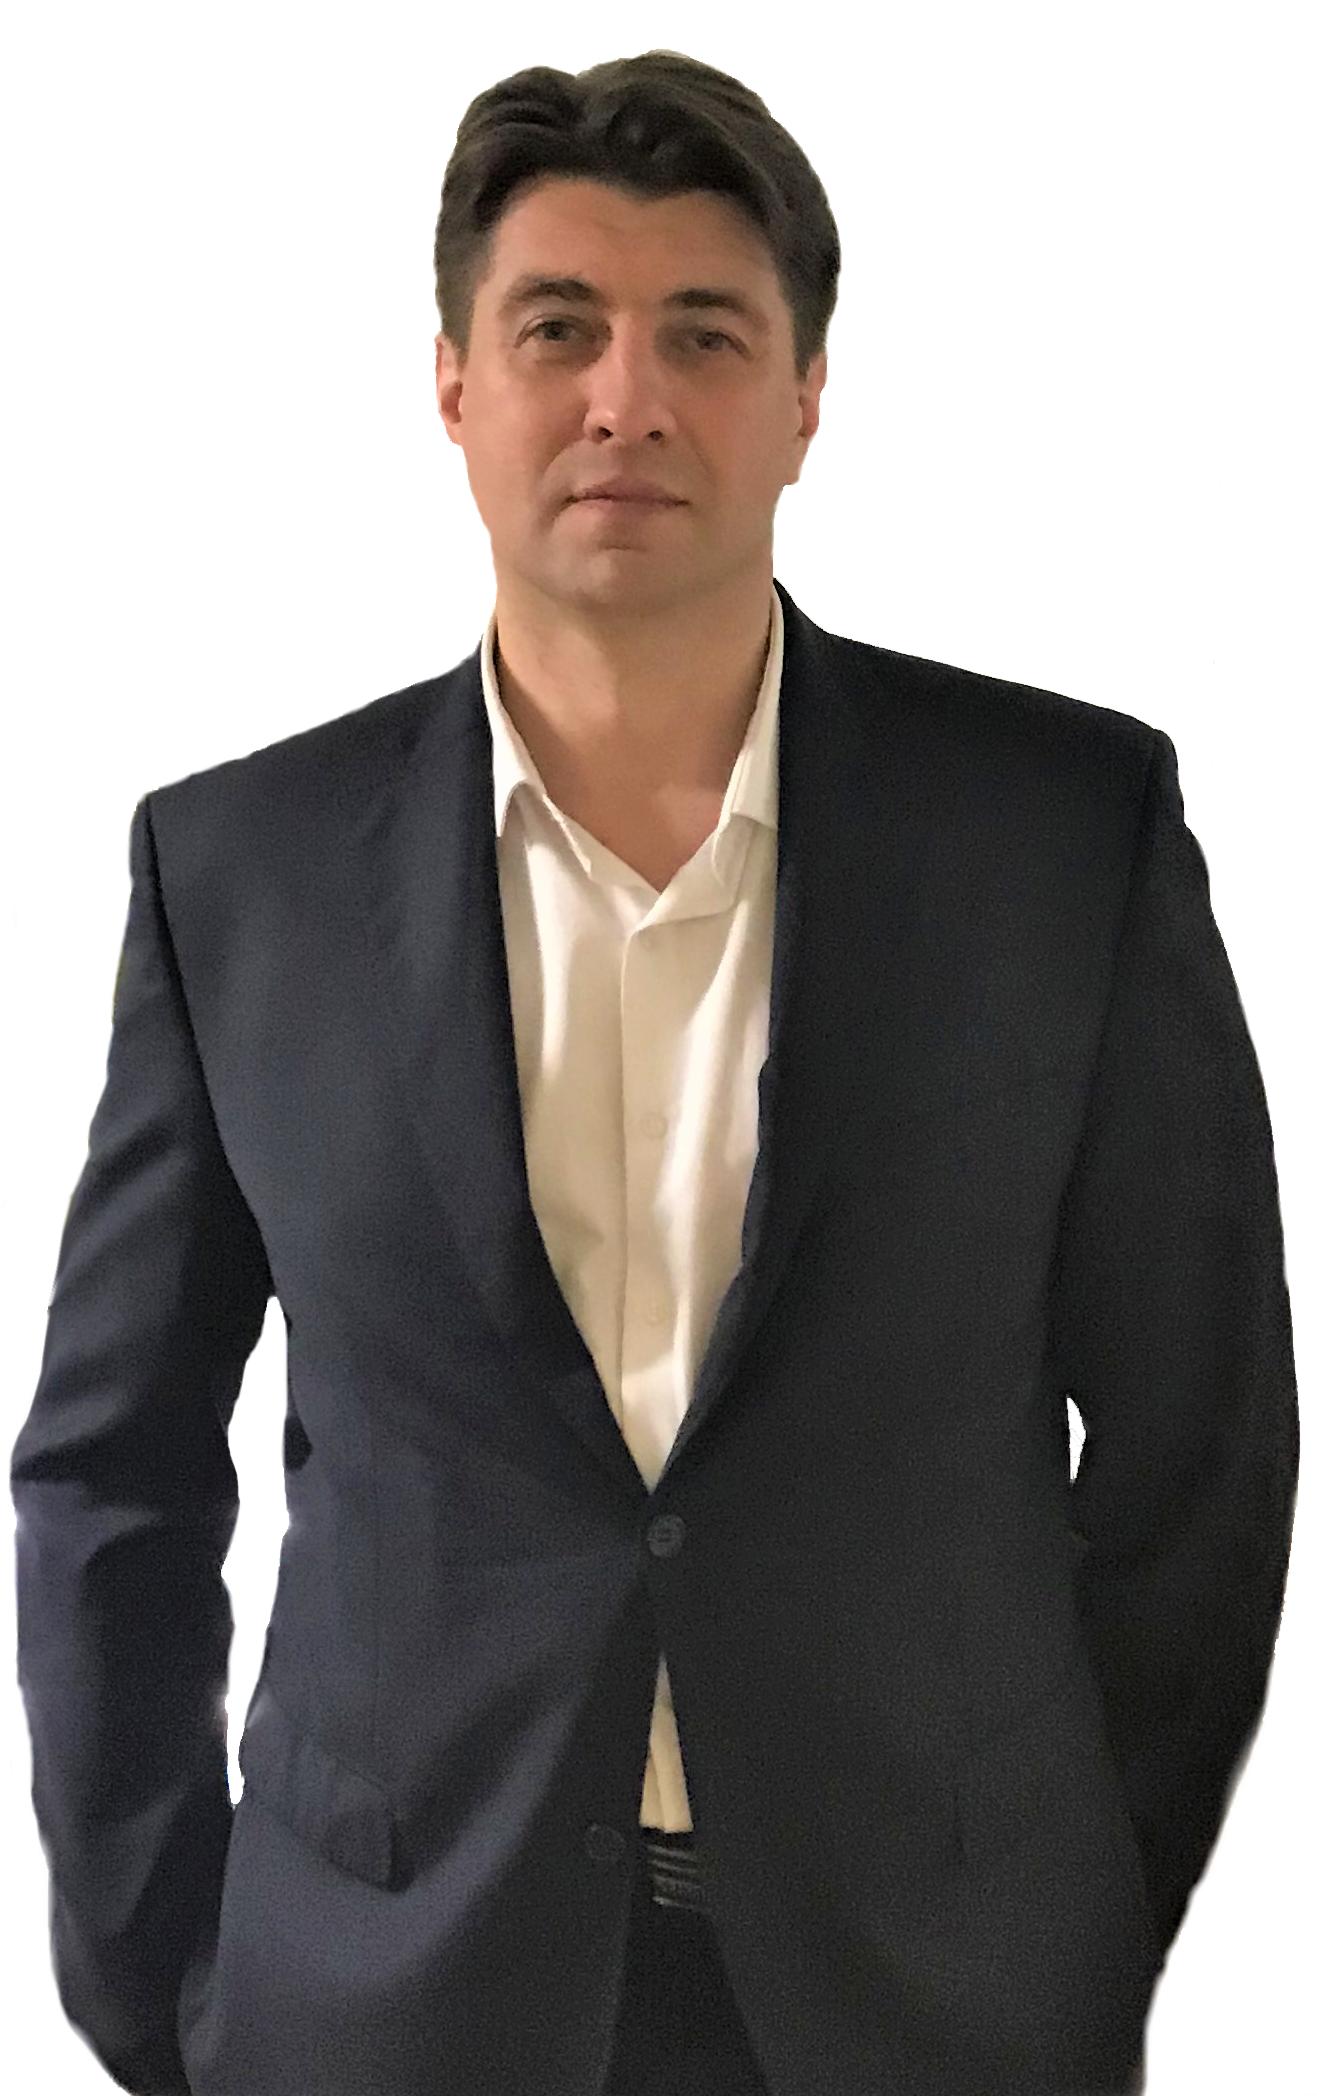 земельный юрист киев